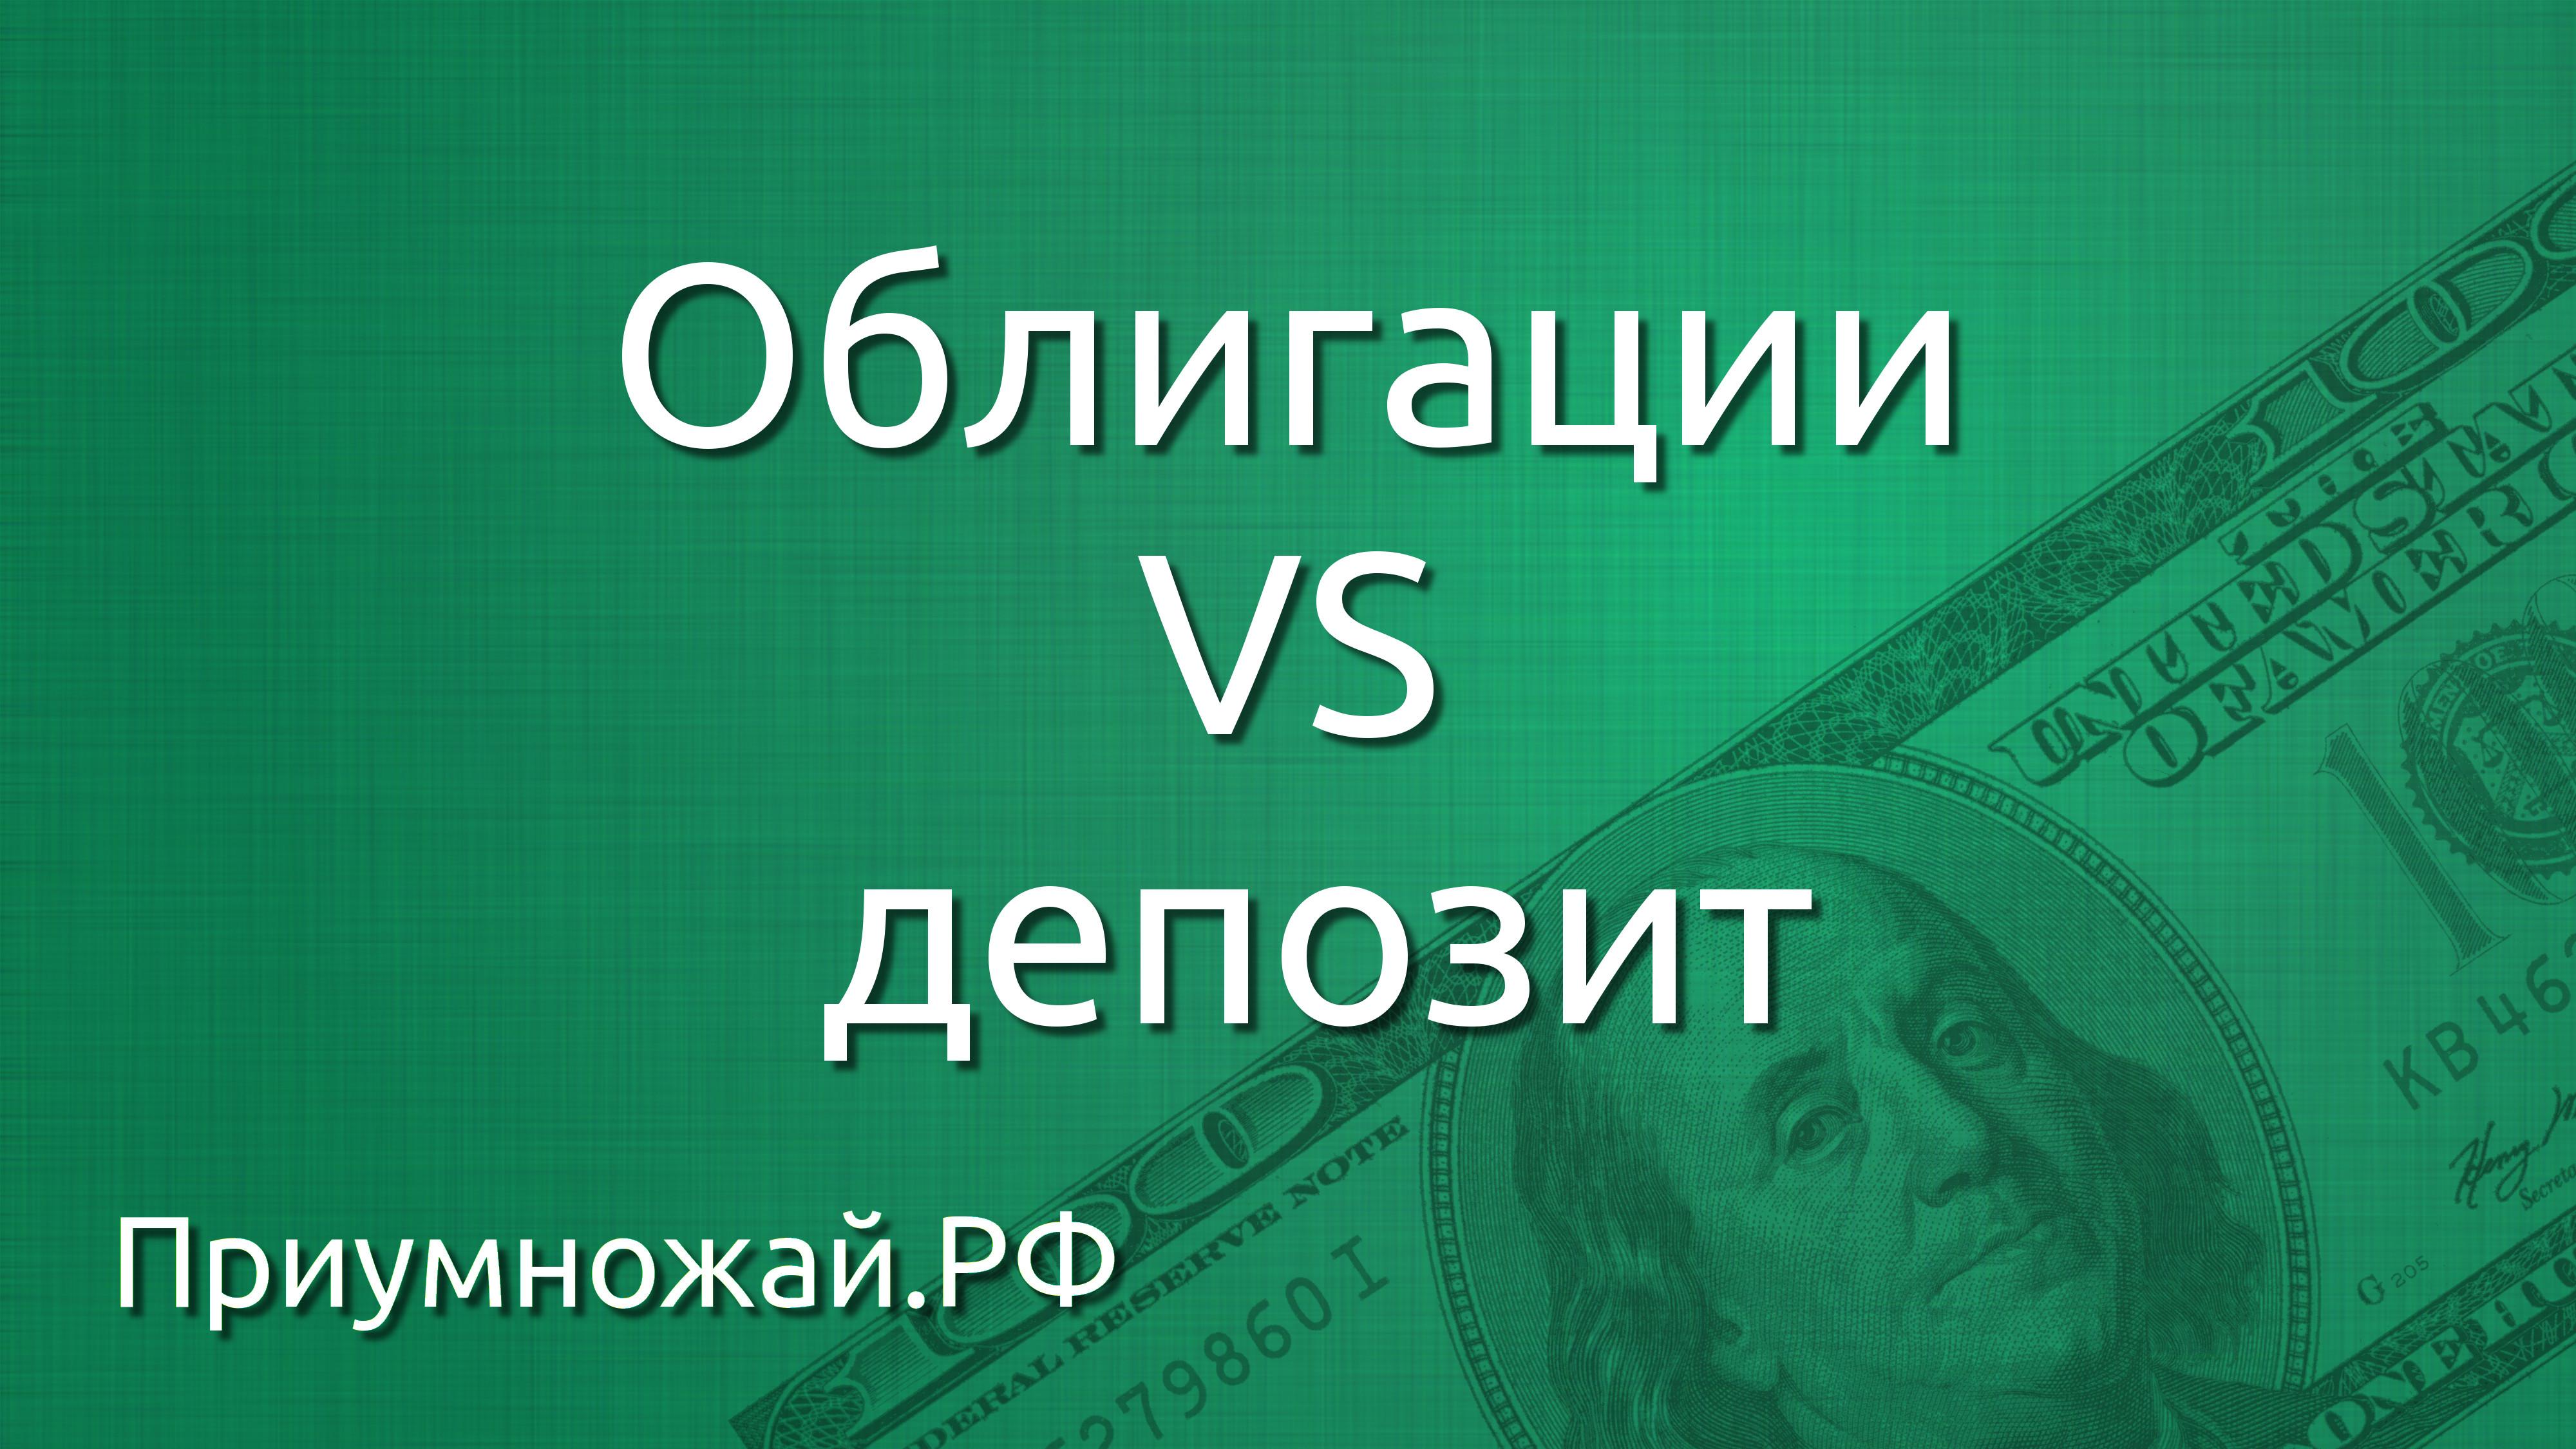 Преимущства облигаций перед депозитом